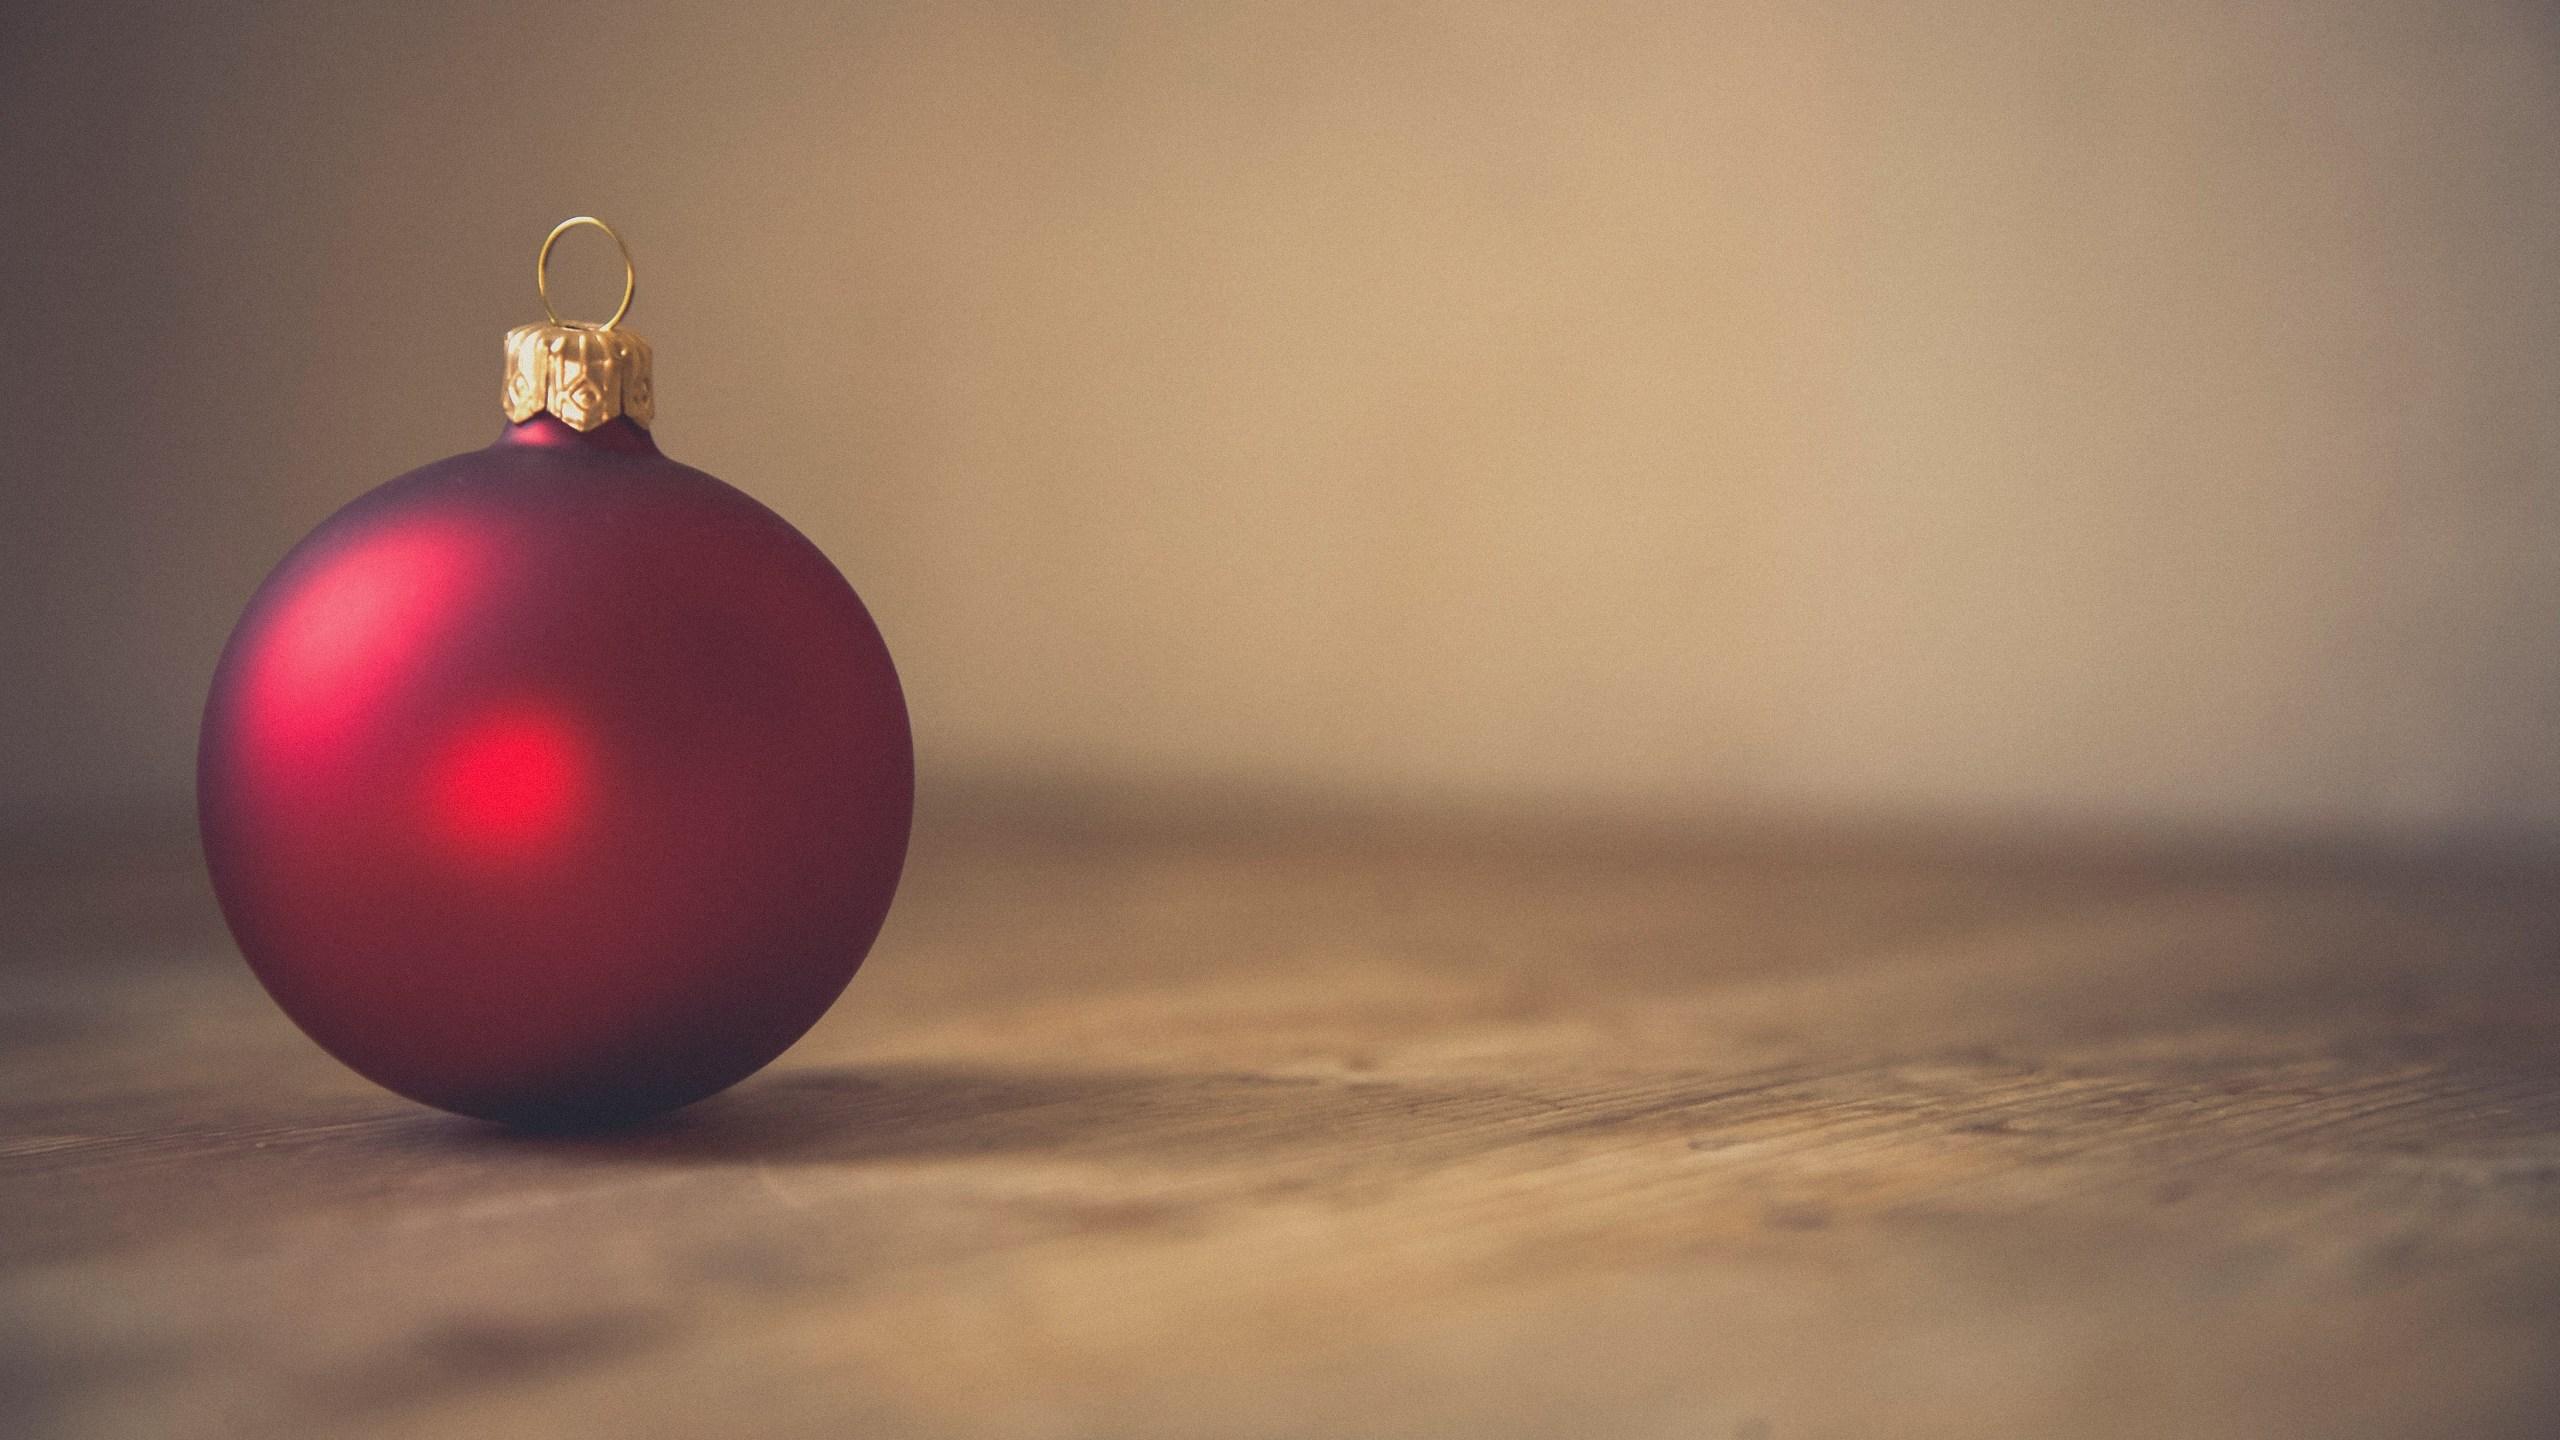 Christmas ball ornament_252794